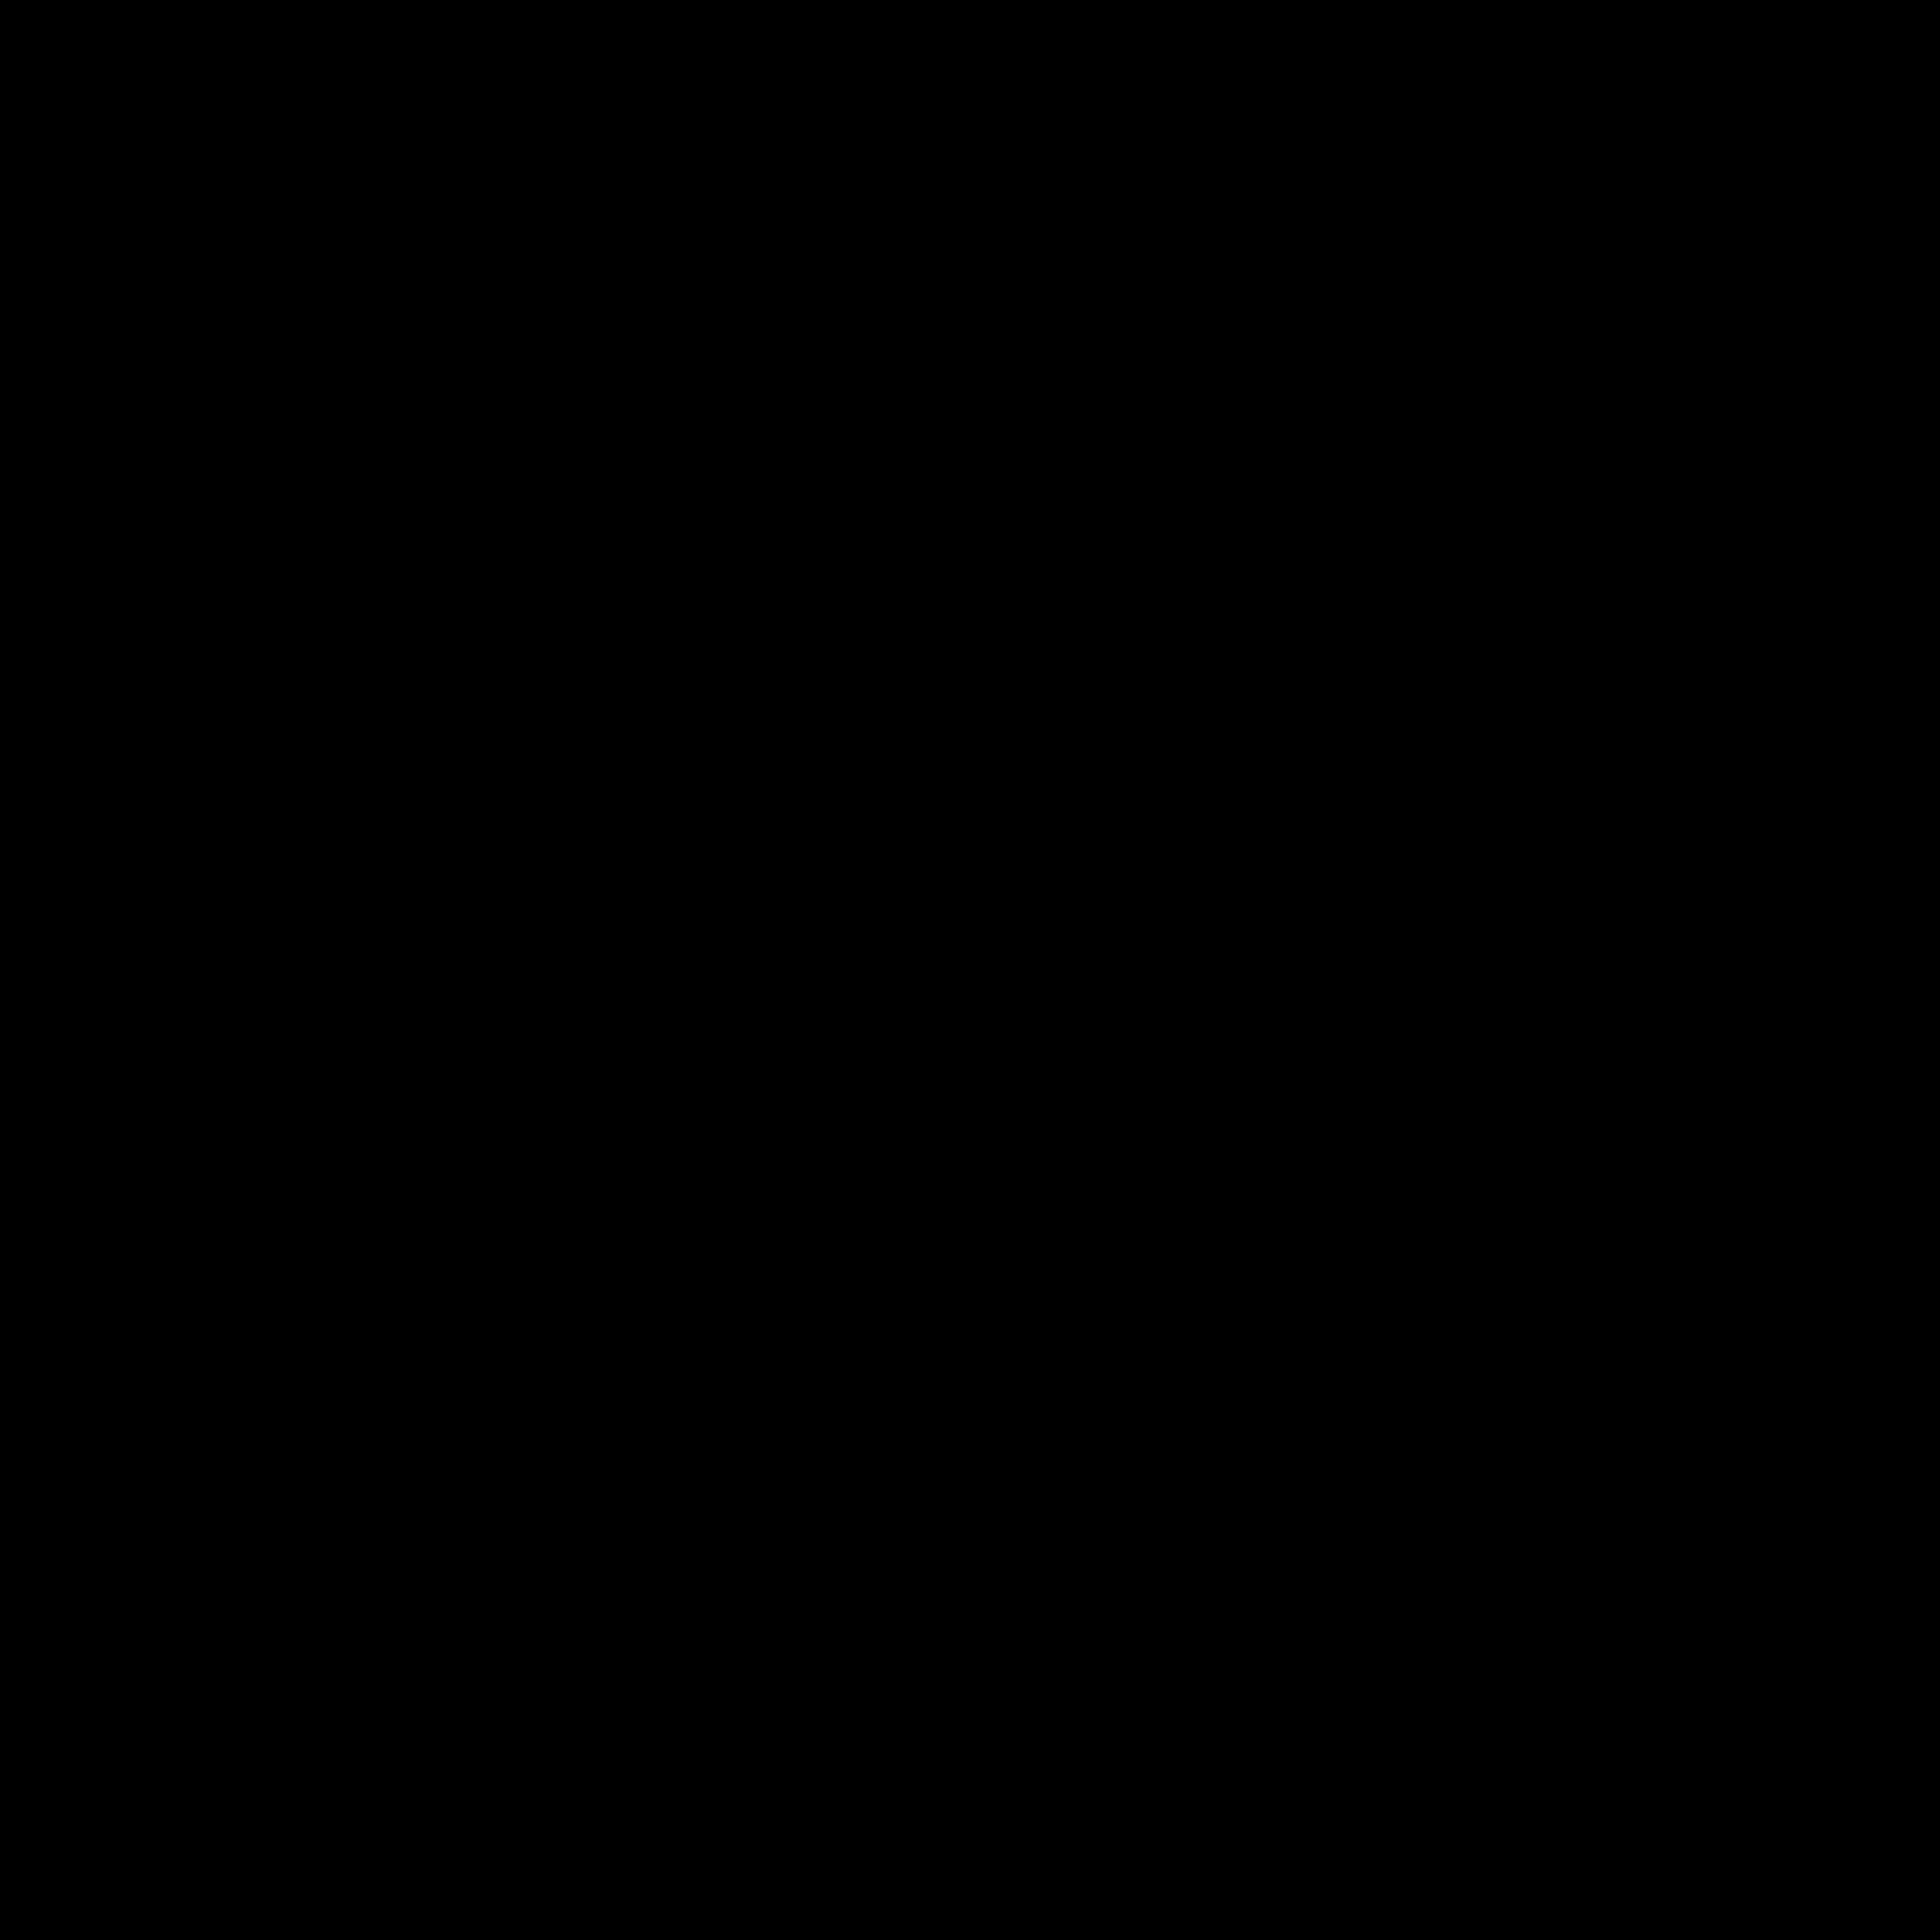 duracell logo 0 - Duracell Logo